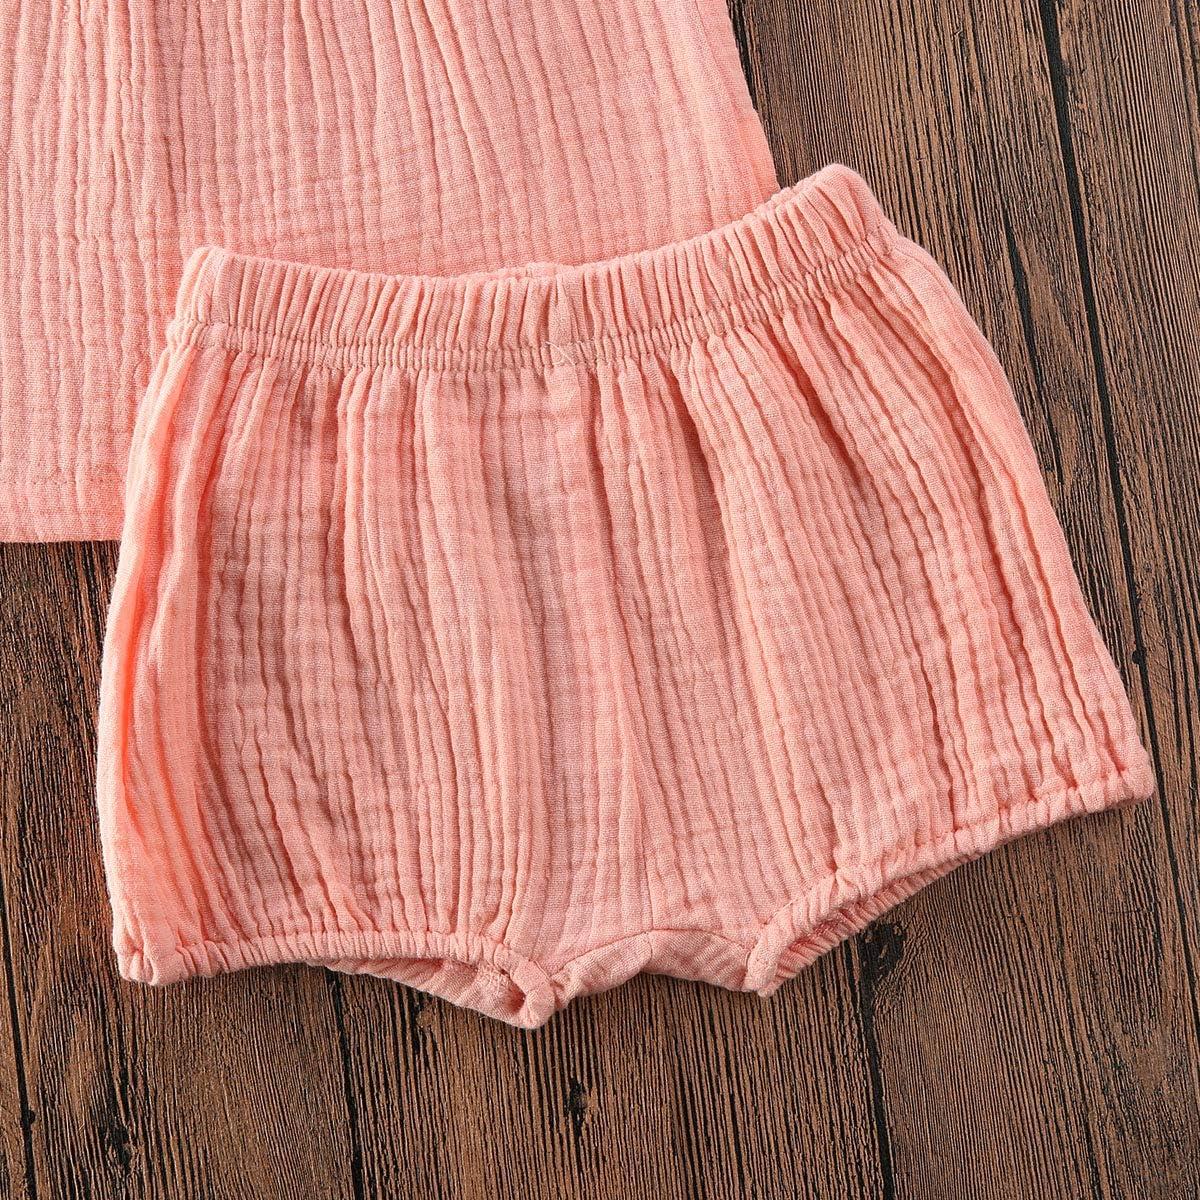 2 piezas Ropa para beb/é y ni/ña algod/ón y lino sin mangas pantalones cortos de verano Hnyenmcko